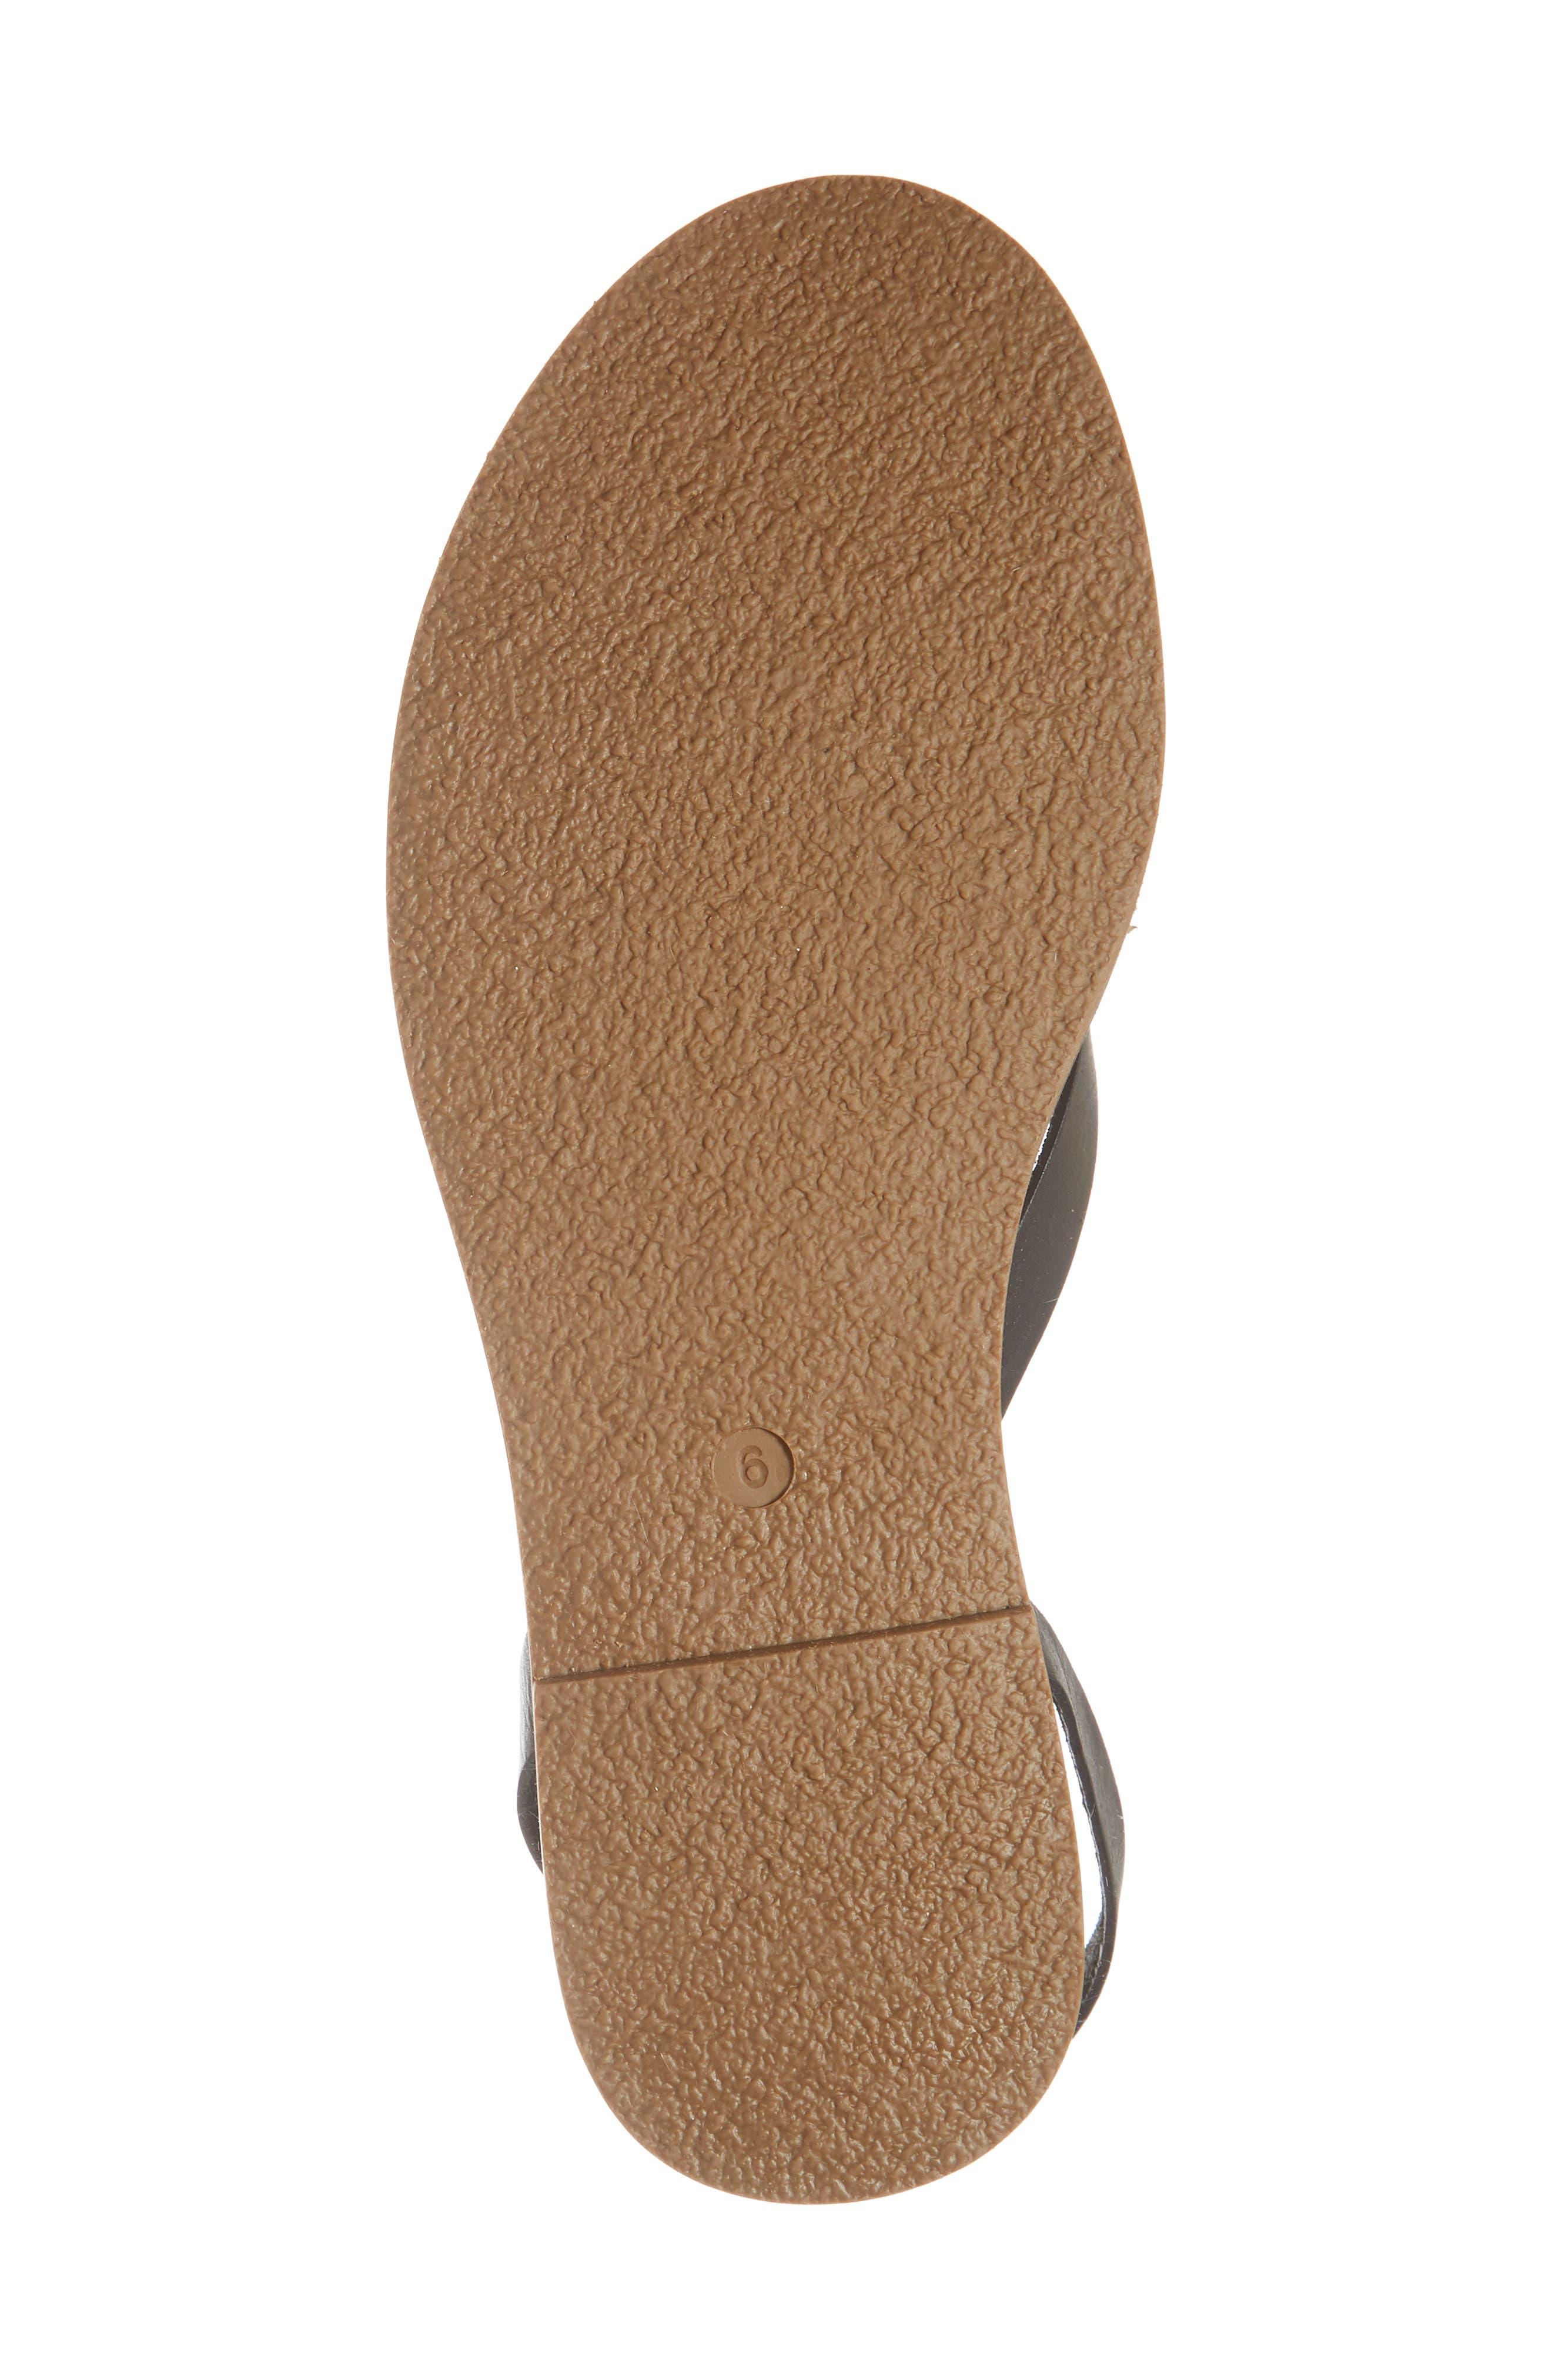 MADEWELL,                             Boardwalk Sandal,                             Alternate thumbnail 6, color,                             001